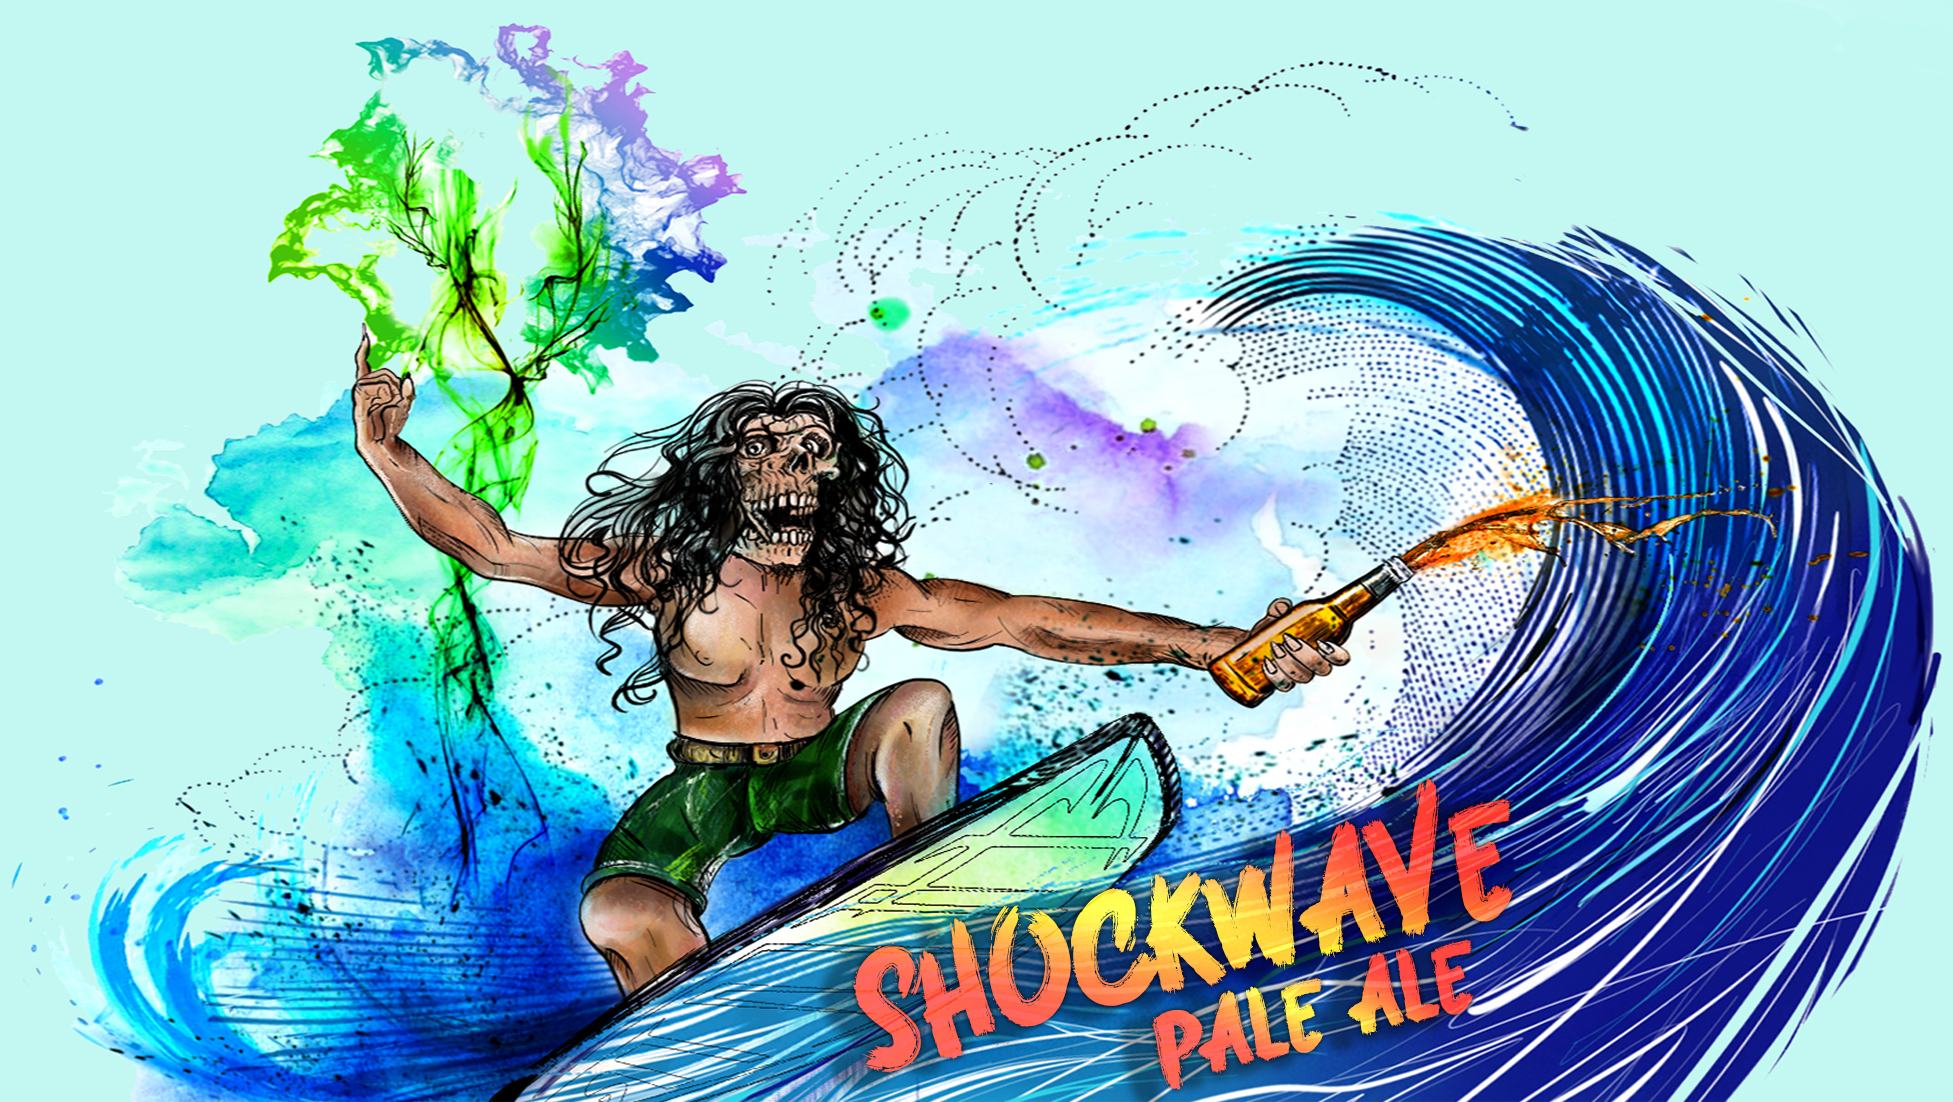 Shockwave_pale ale_artwork